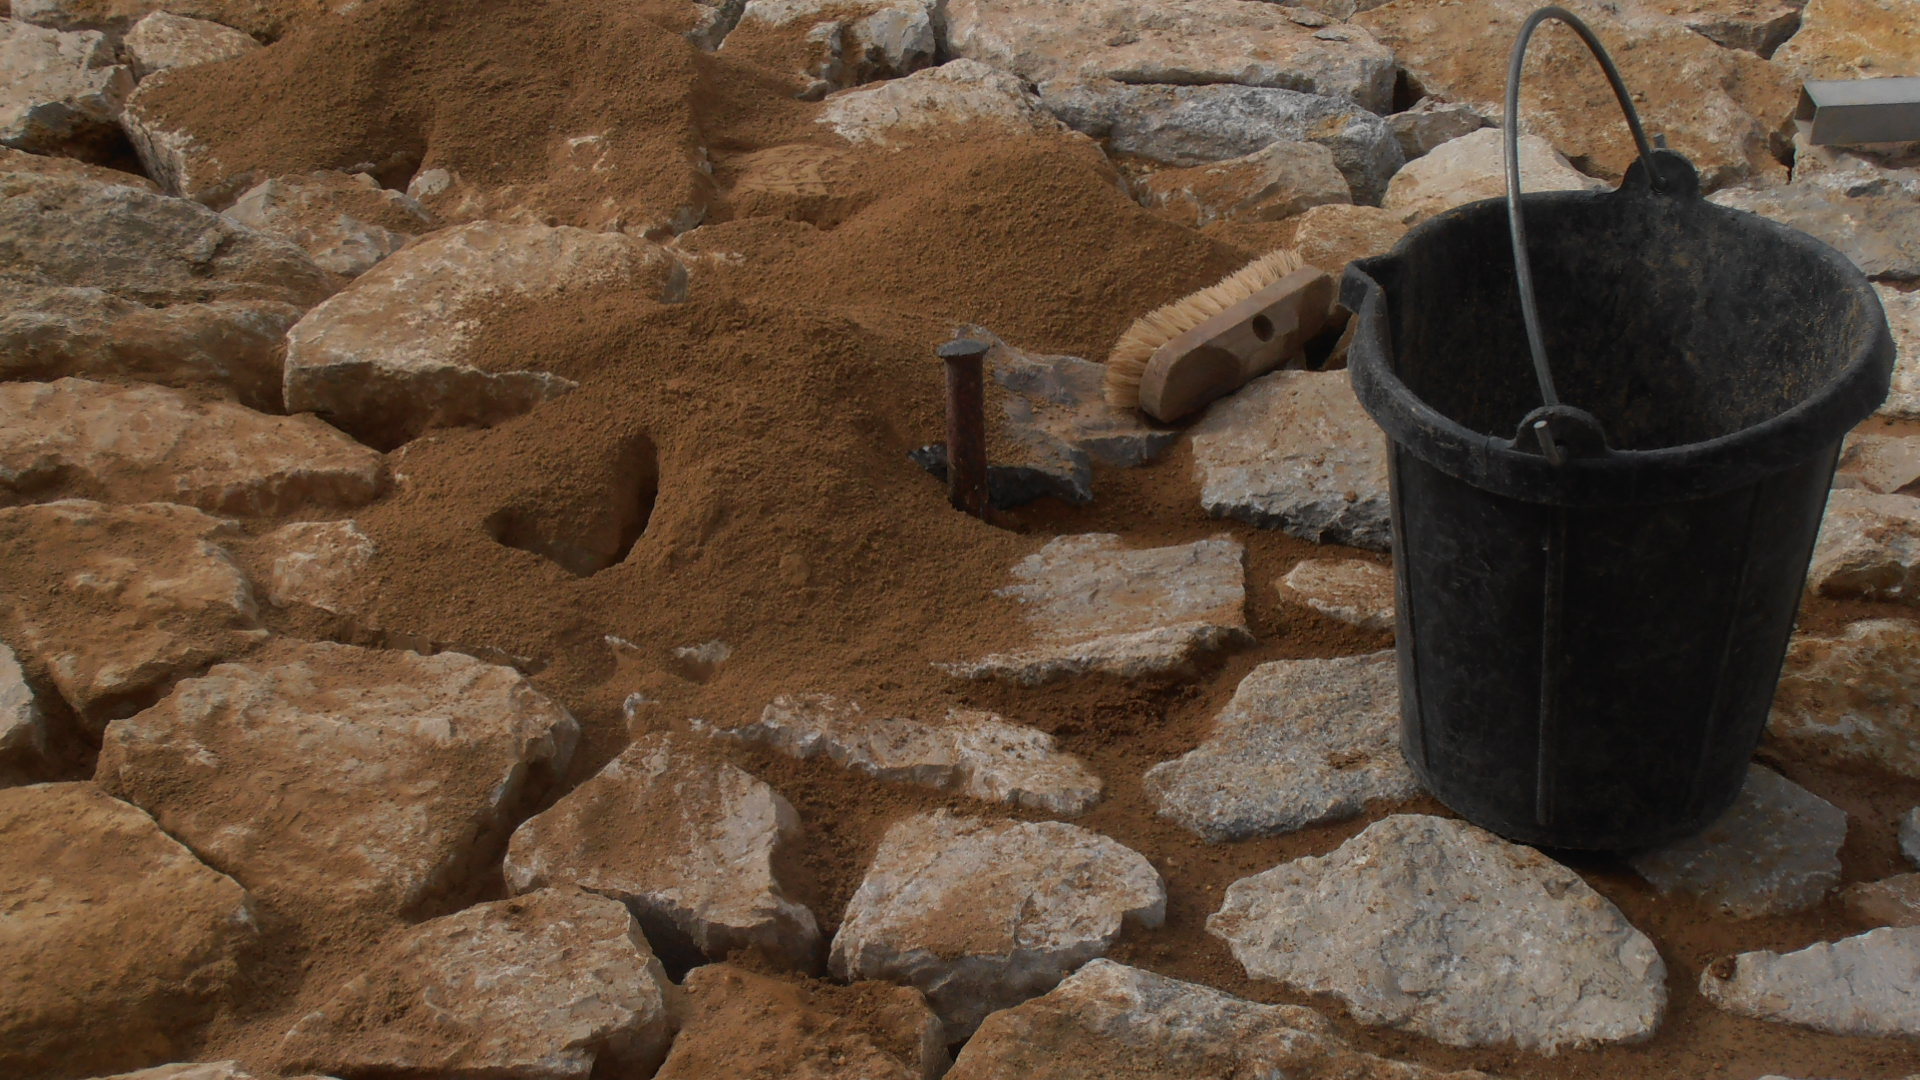 rejuntant amb argila i compactant amb tascó